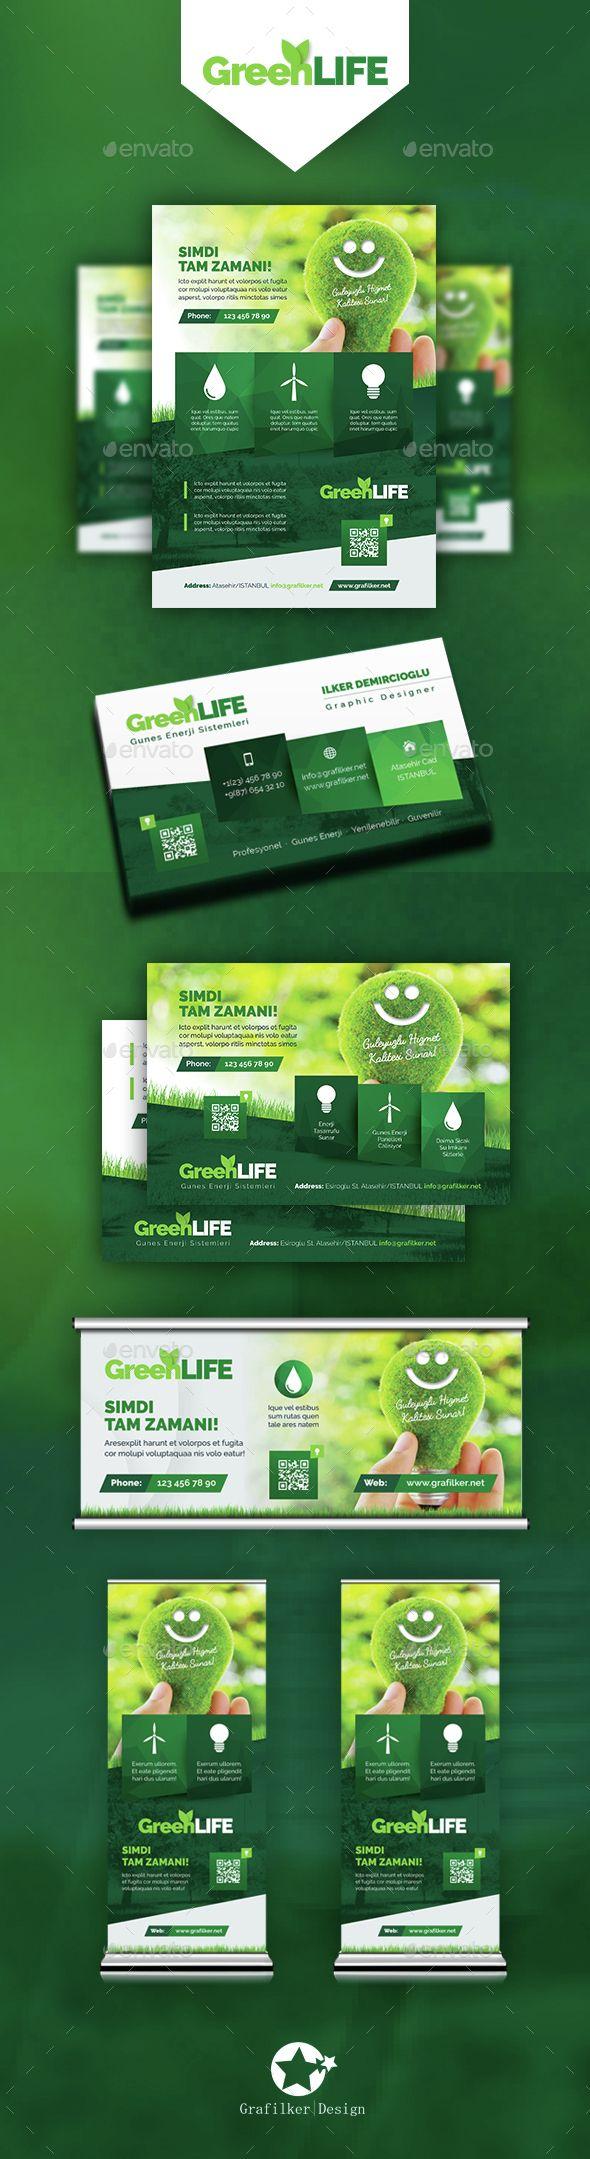 Green Energy Bundle Templates   Diseño editorial, Editorial y Artes ...